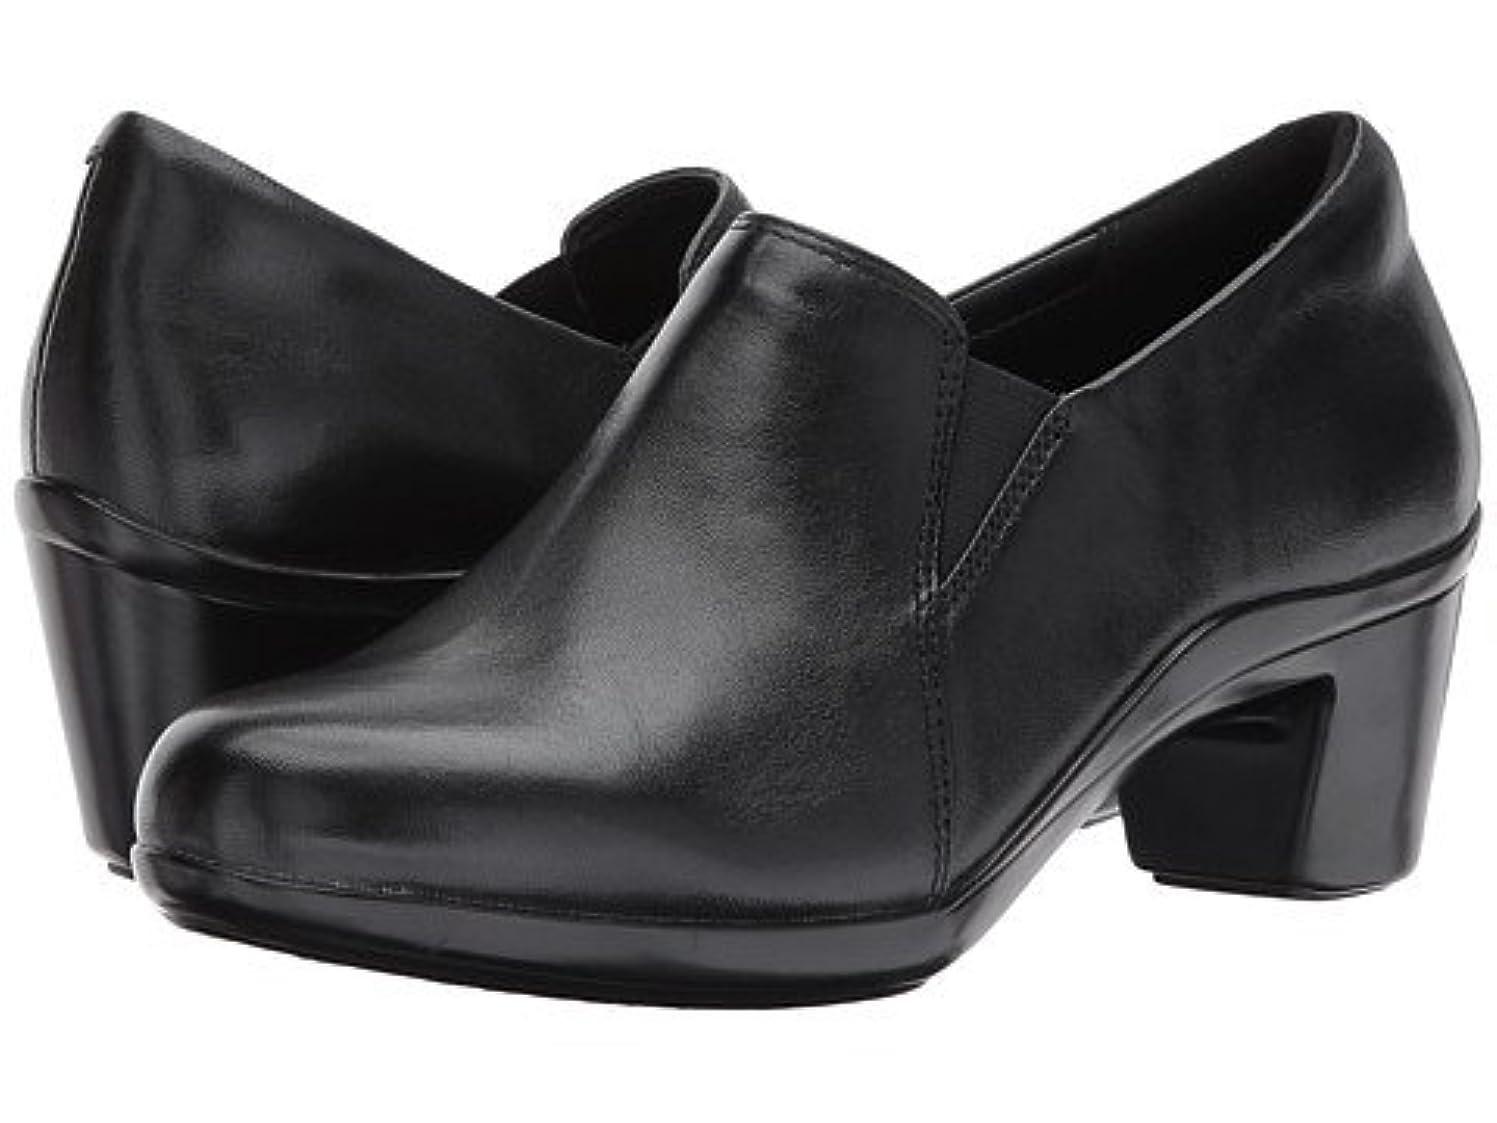 バウンス雪の変換する(アラヴォン)Aravon レディースヒール?パンプス Lexee Twin Gore Black Leather 7.5 24.5cm W (D) [並行輸入品]